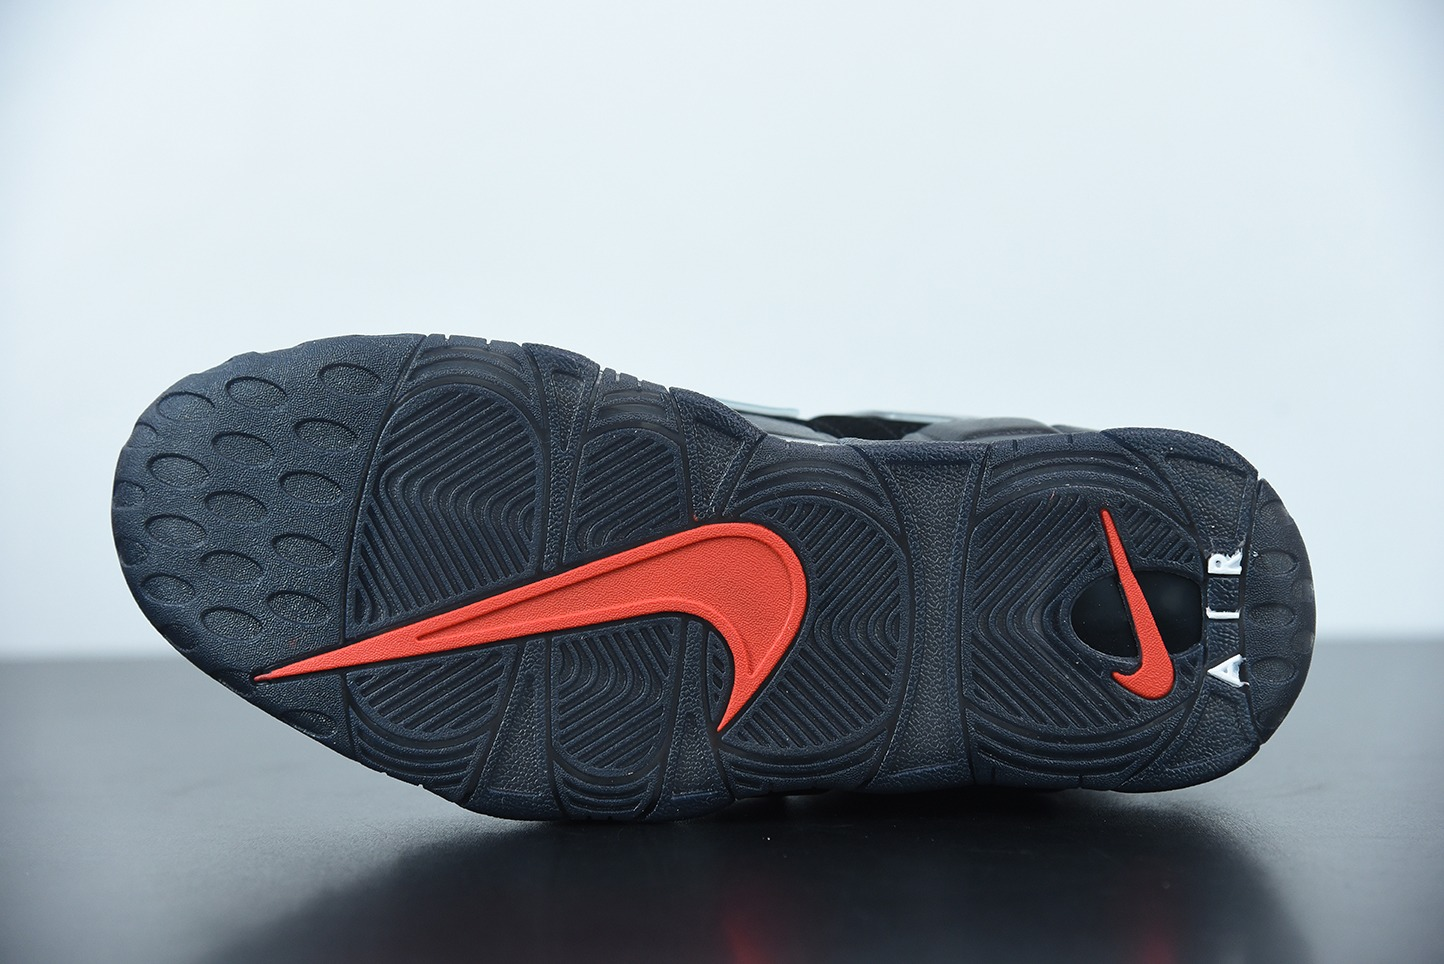 耐克 Nike Air More Uptempo 大AIR皮蓬黑蓝撕纸配色复古篮球鞋纯原版本 货号:DJ4633-010